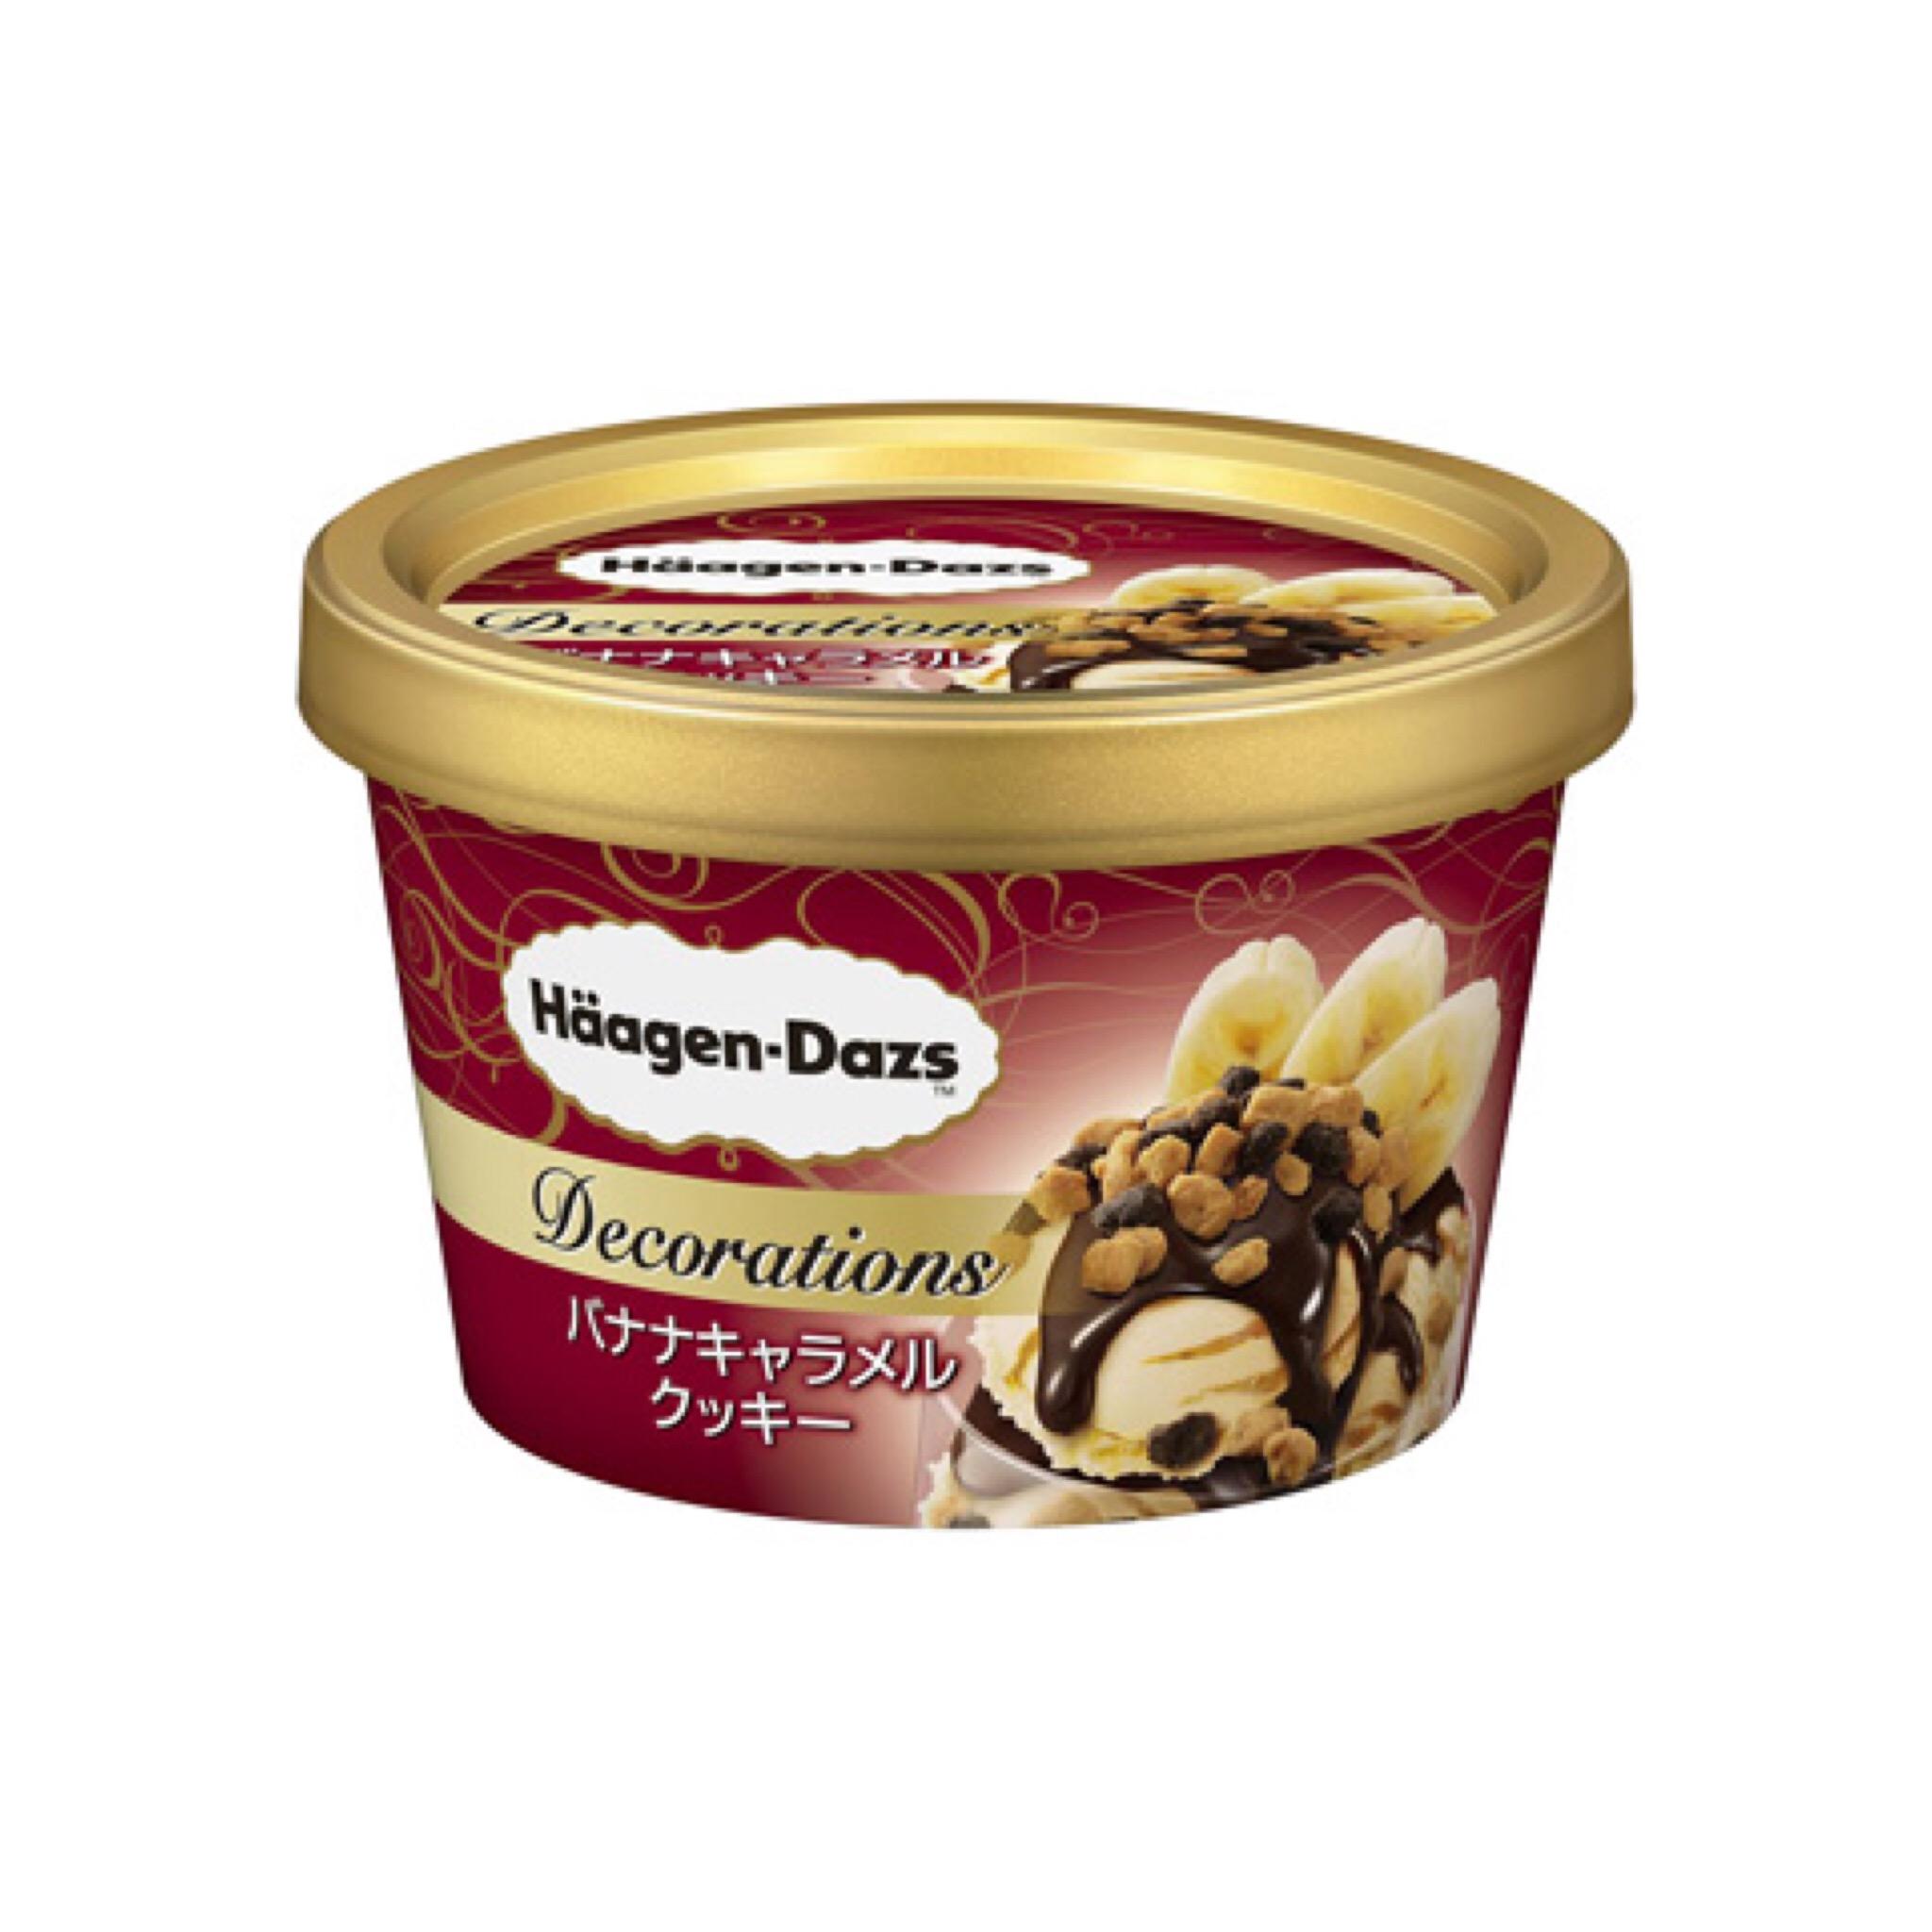 考察 デコレーション ビター チョコ